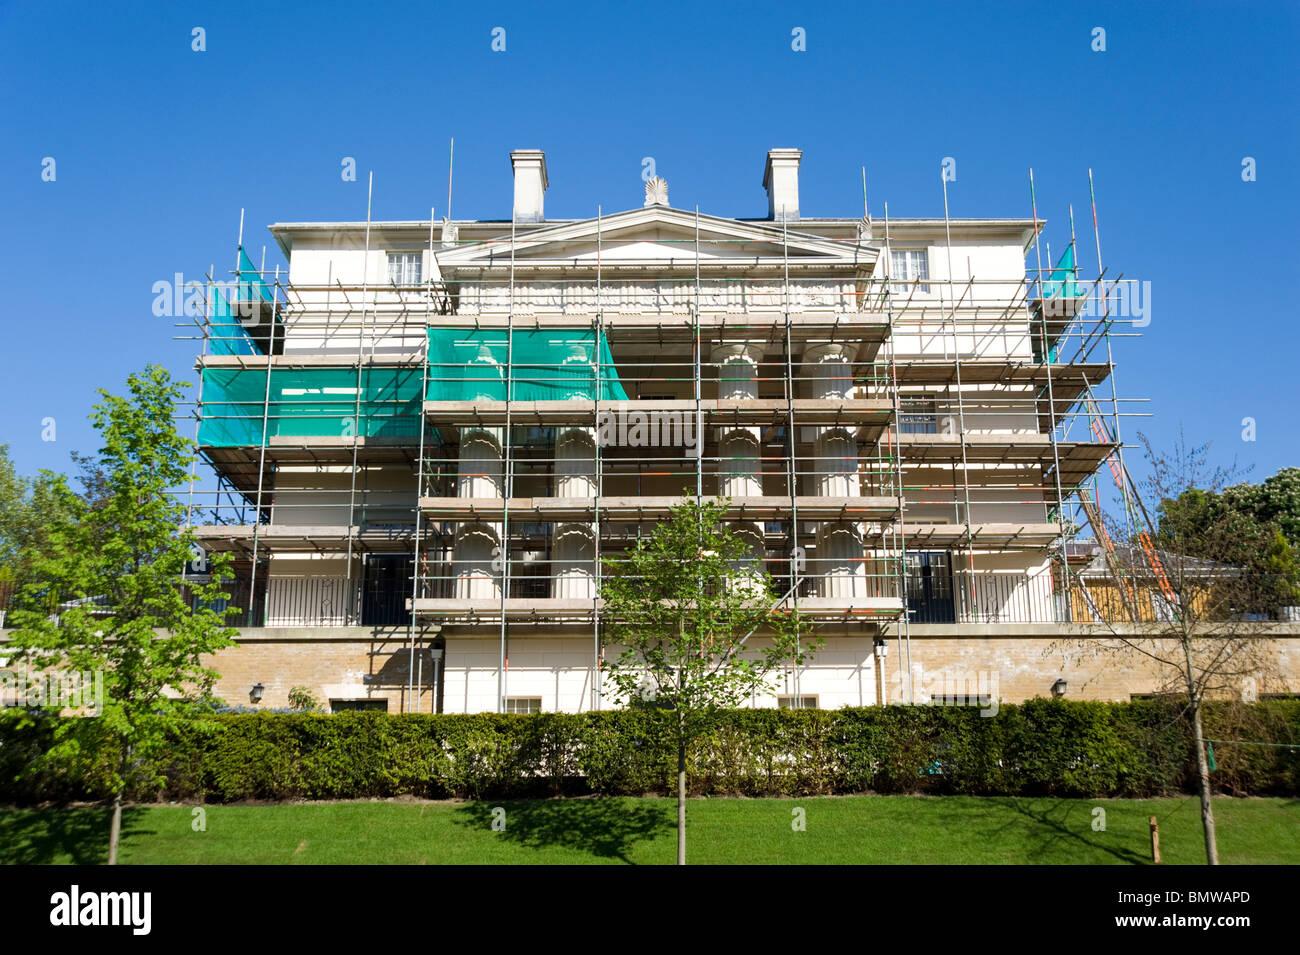 Gerüst errichtet, um ein großes Haus in Renovierung, London, England, UK Stockbild